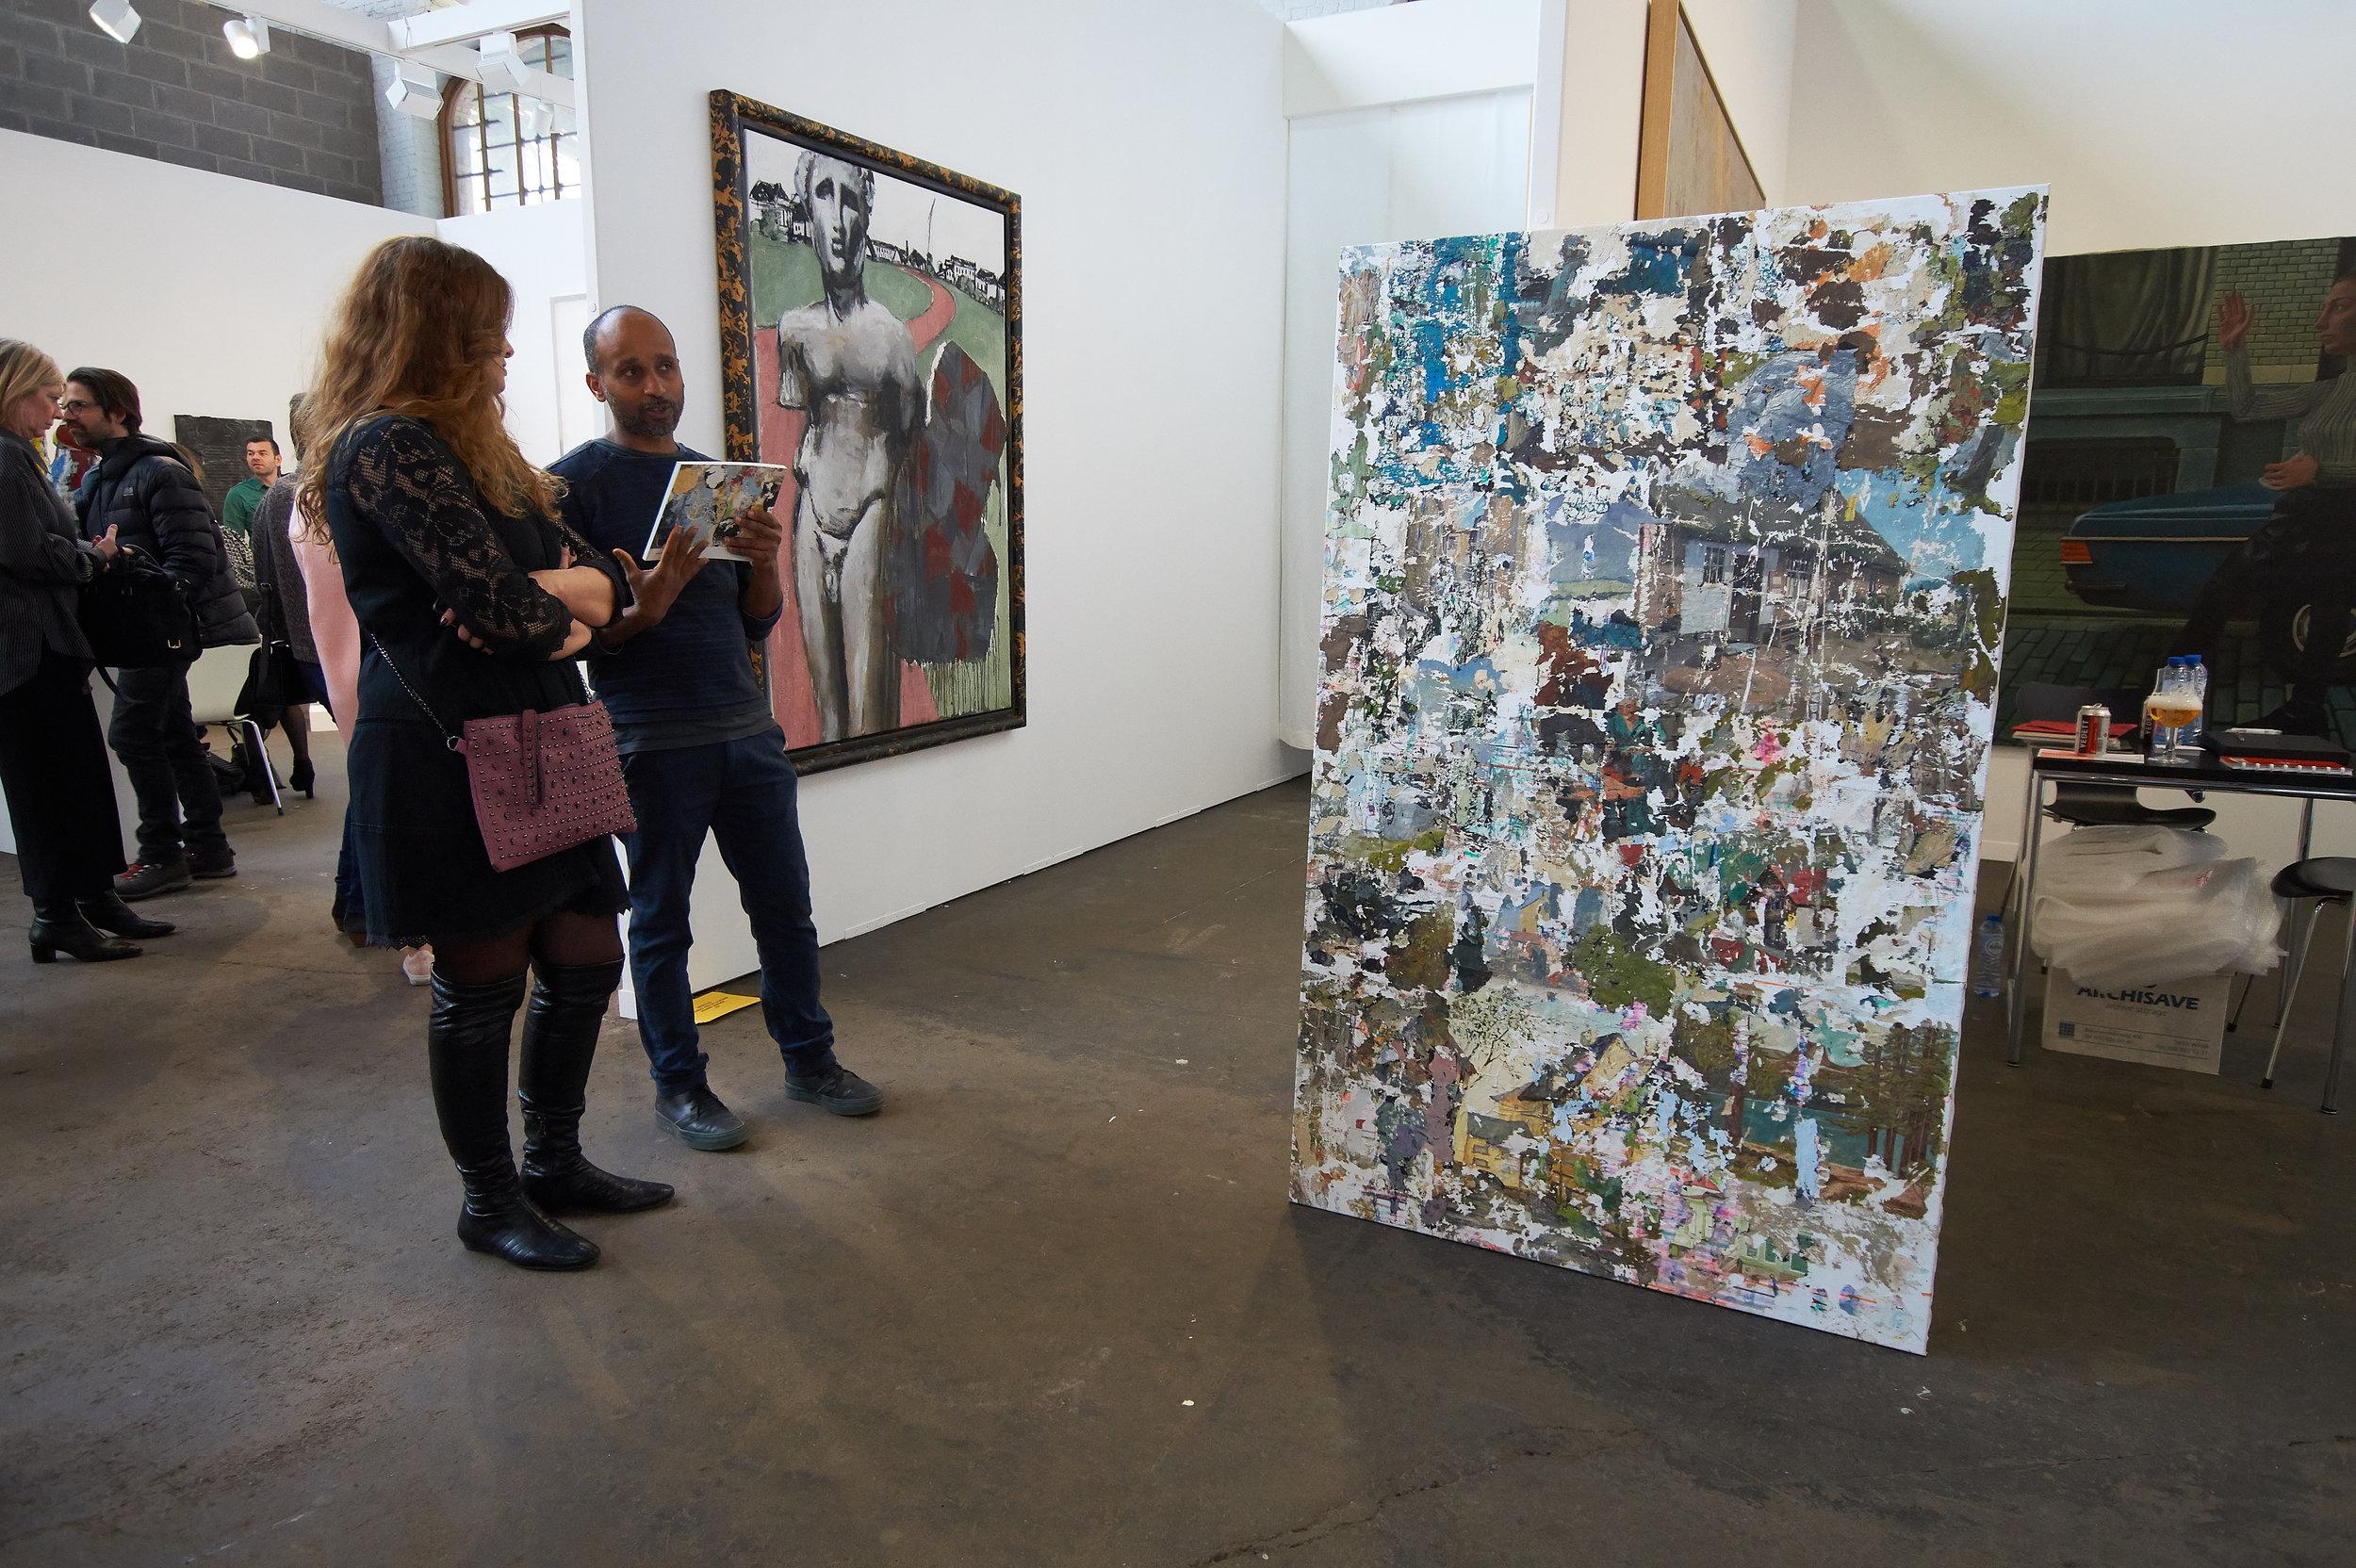 Artist Ermias Kifleyesus at Kusseneers gallery